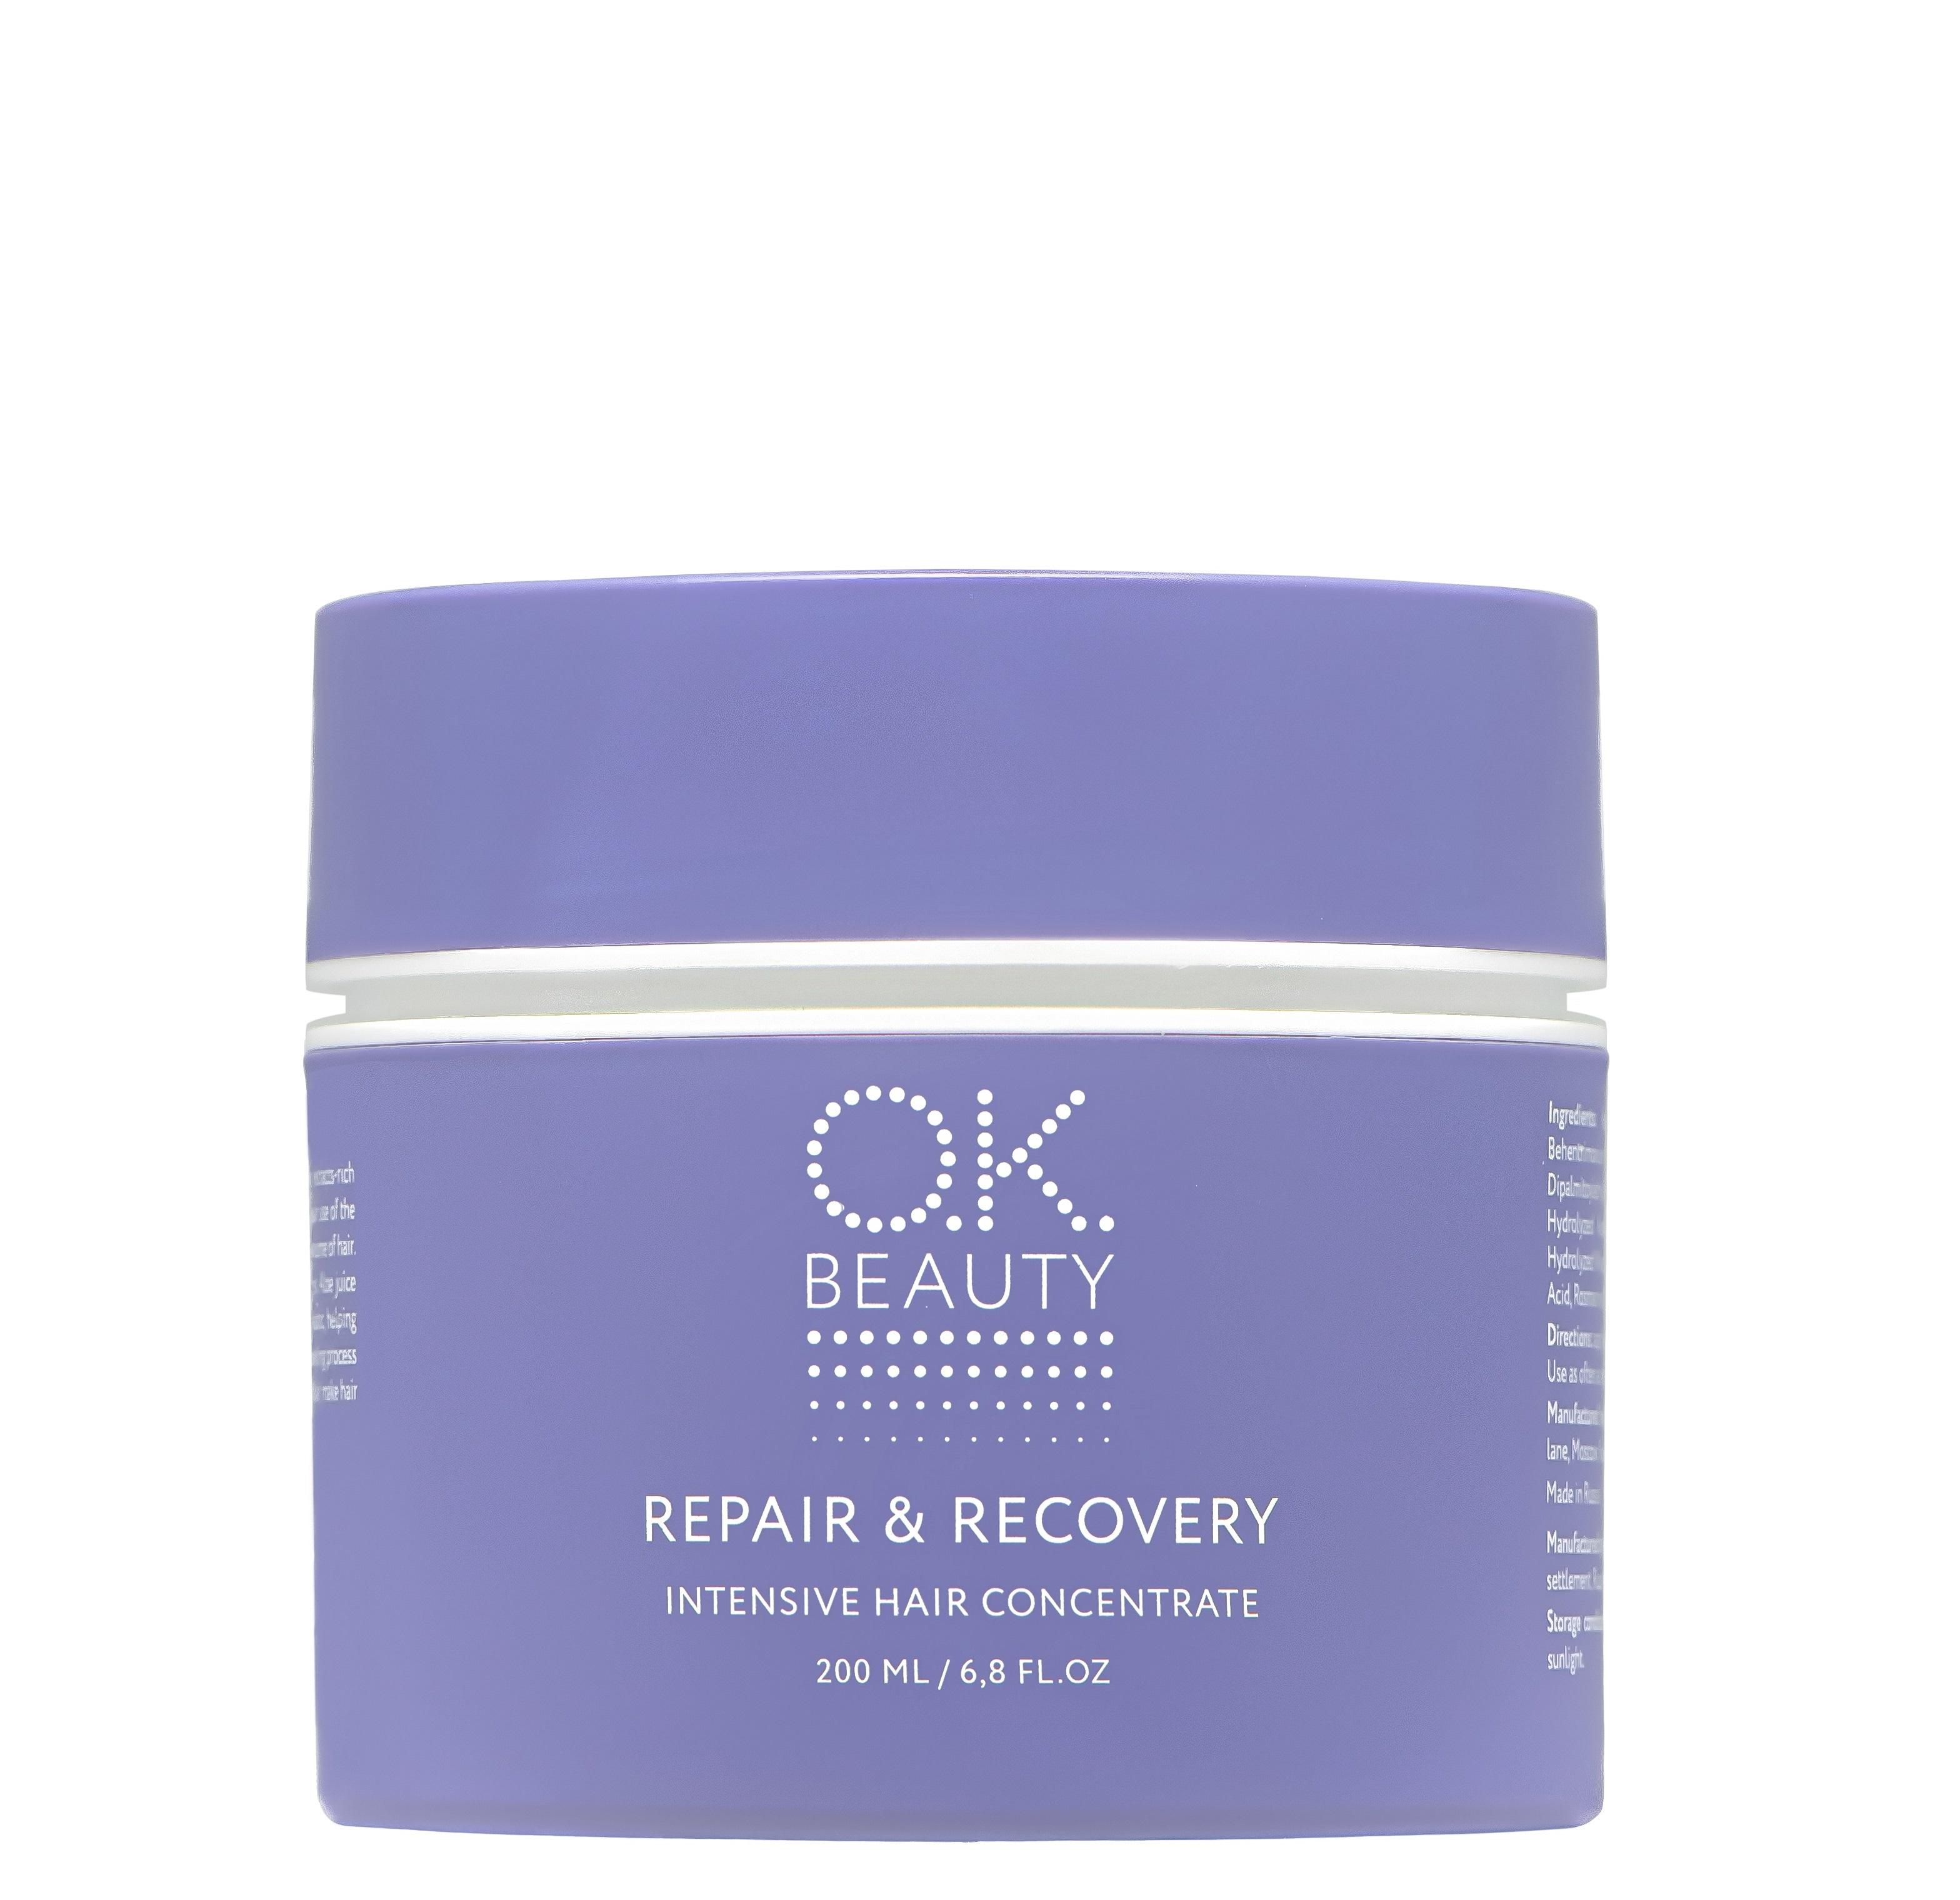 Купить OK BEAUTY Маска интенсивная для глубокого питания и восстановления / REPAIR & RECOVERY 200 мл